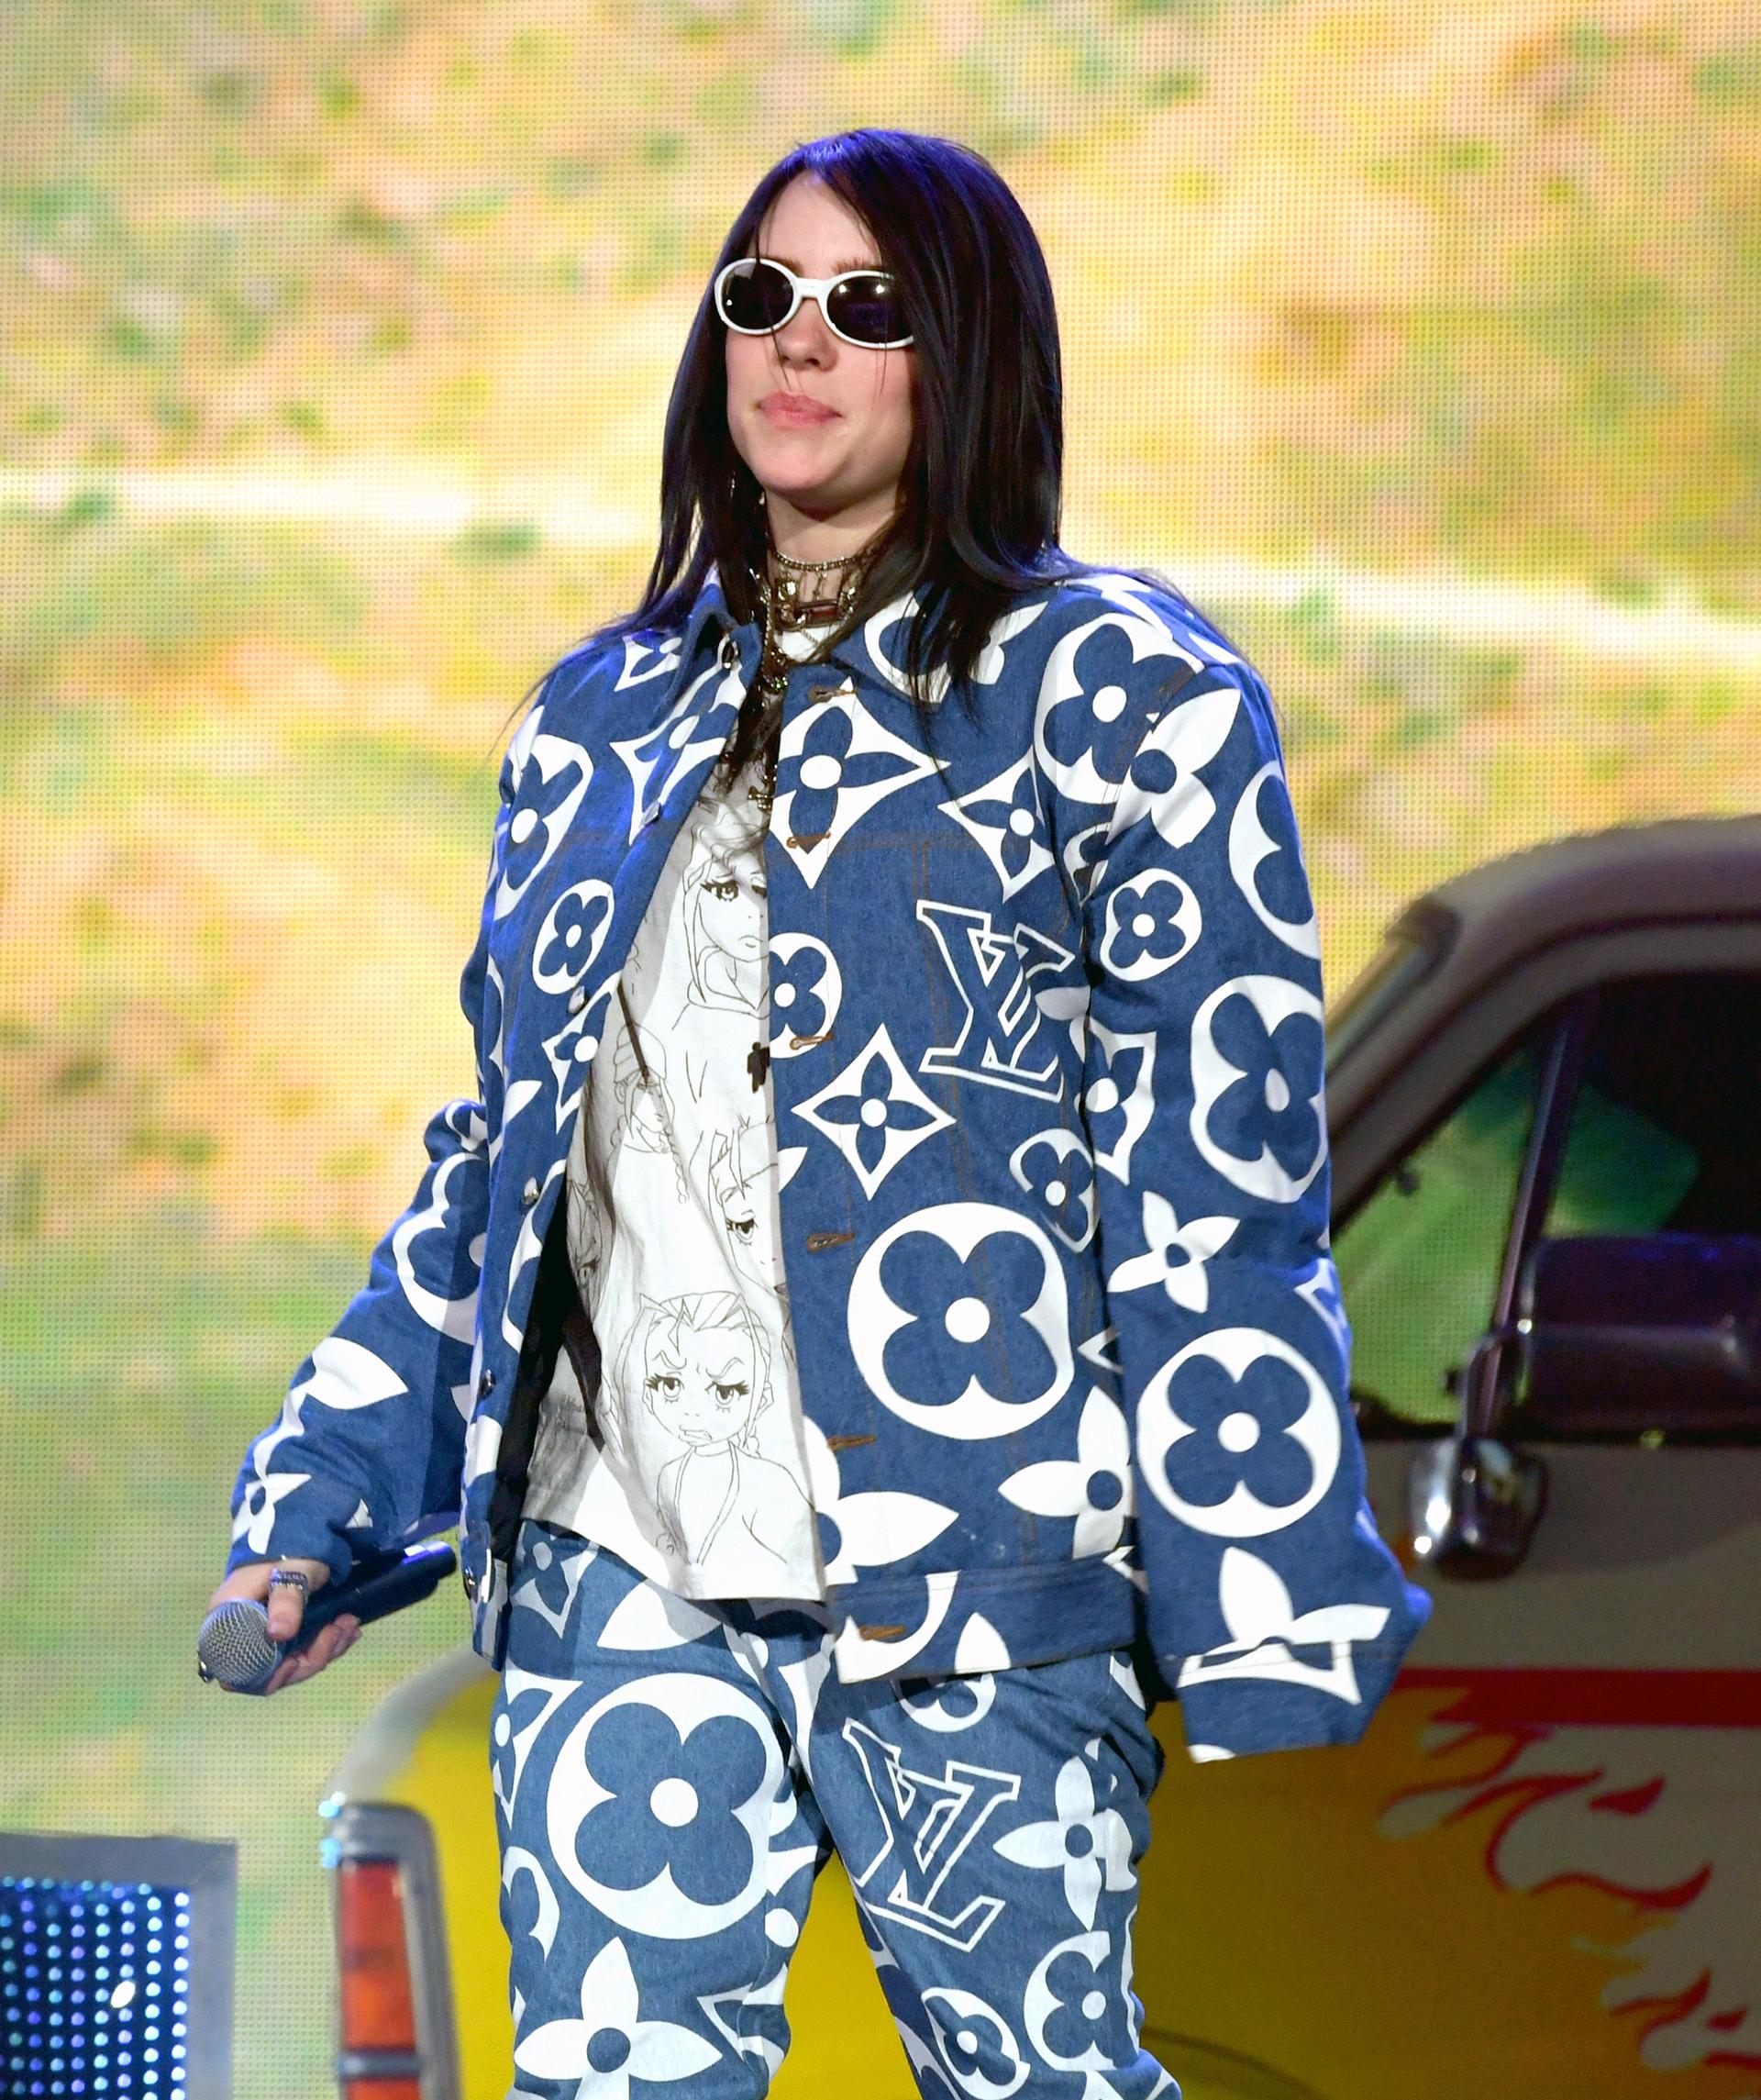 Billie Eilish la cantante del momento apostó a la tendencia it: logomanía con un conjunto en denim de chaqueta y pantalón de denim de Louis Vuitton junto a una remera estampada. La cantante lo completó con una gargantilla dorada y anteojos al estilo vintage